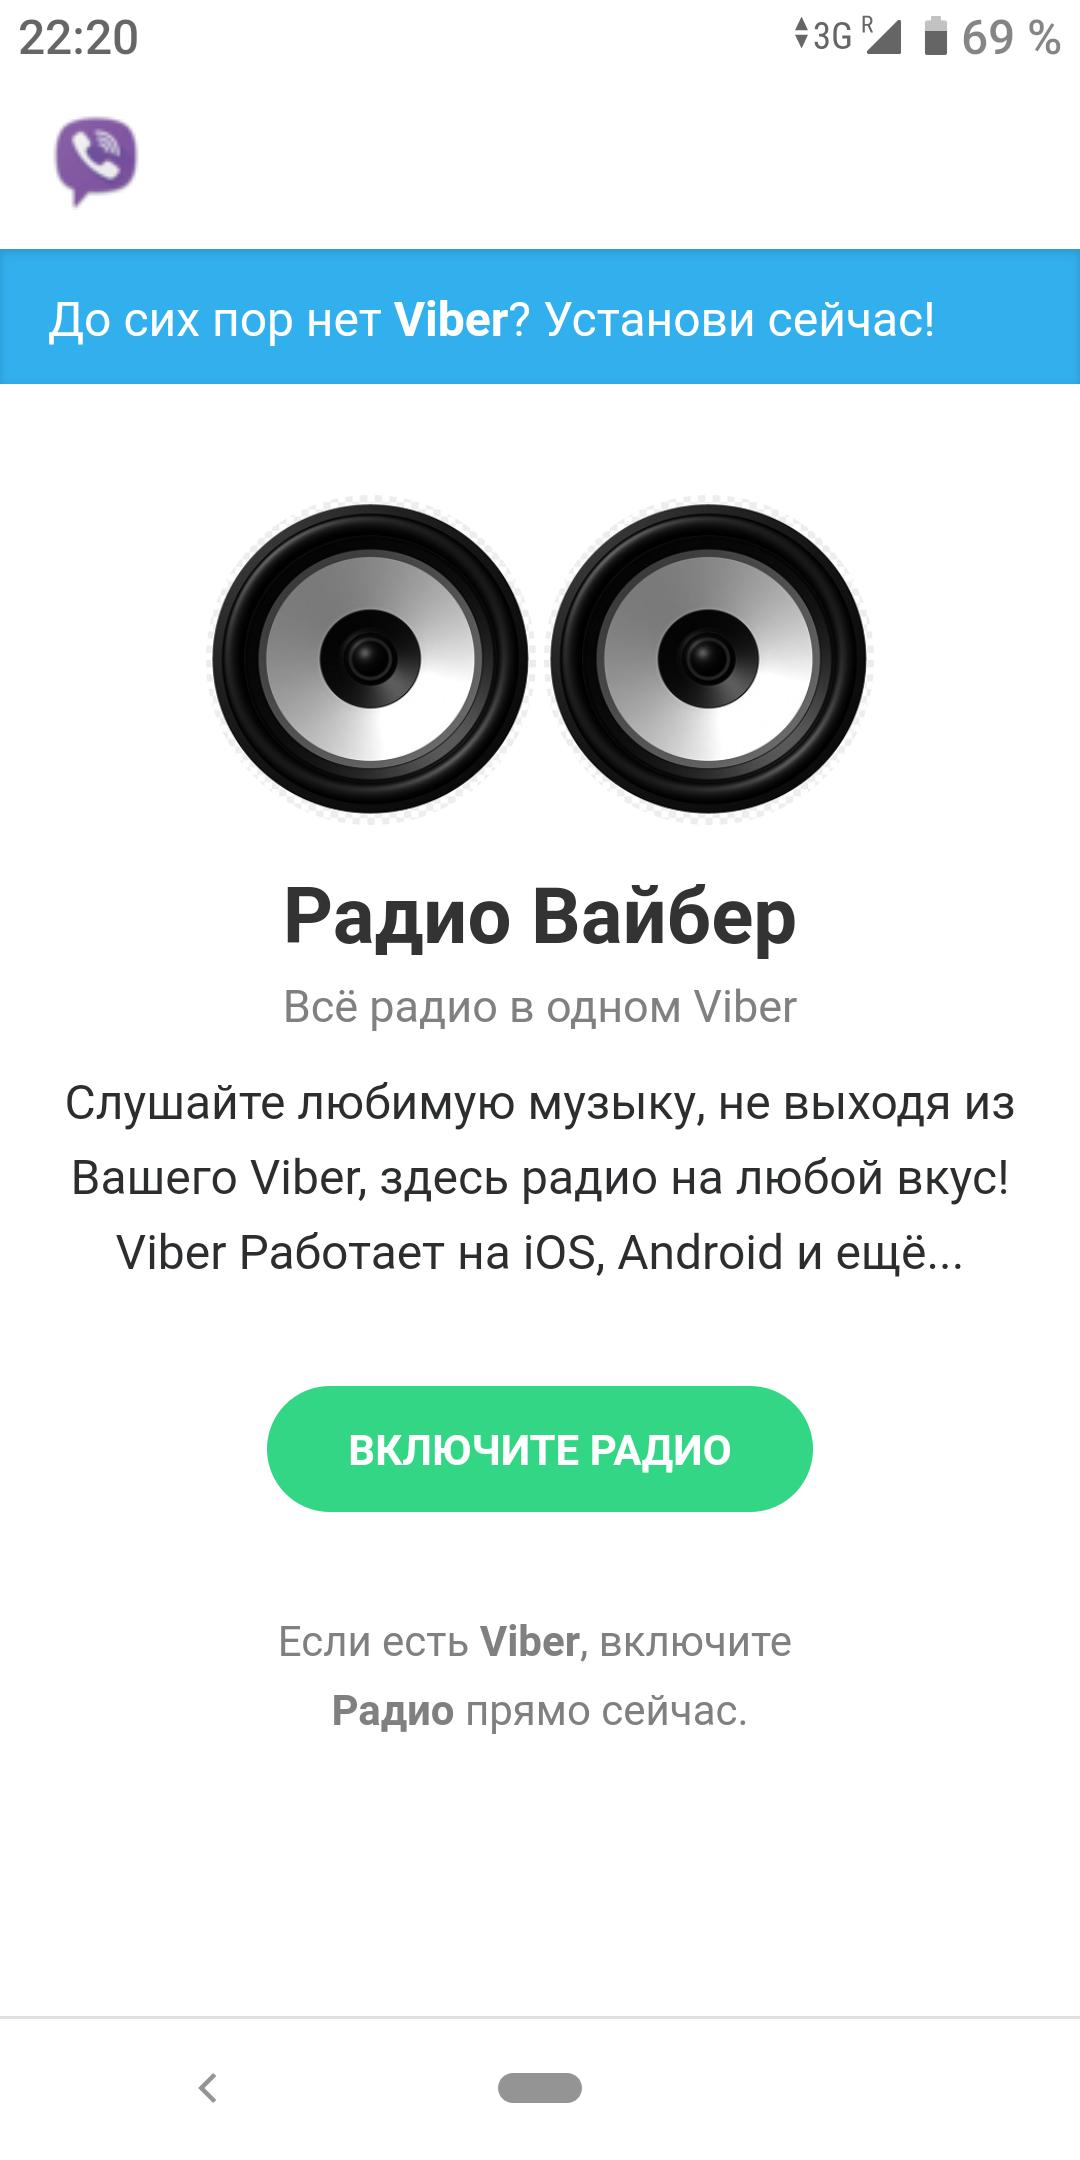 Радио Вайбер — все радиостанции в мессенджере онлайн / Хабр